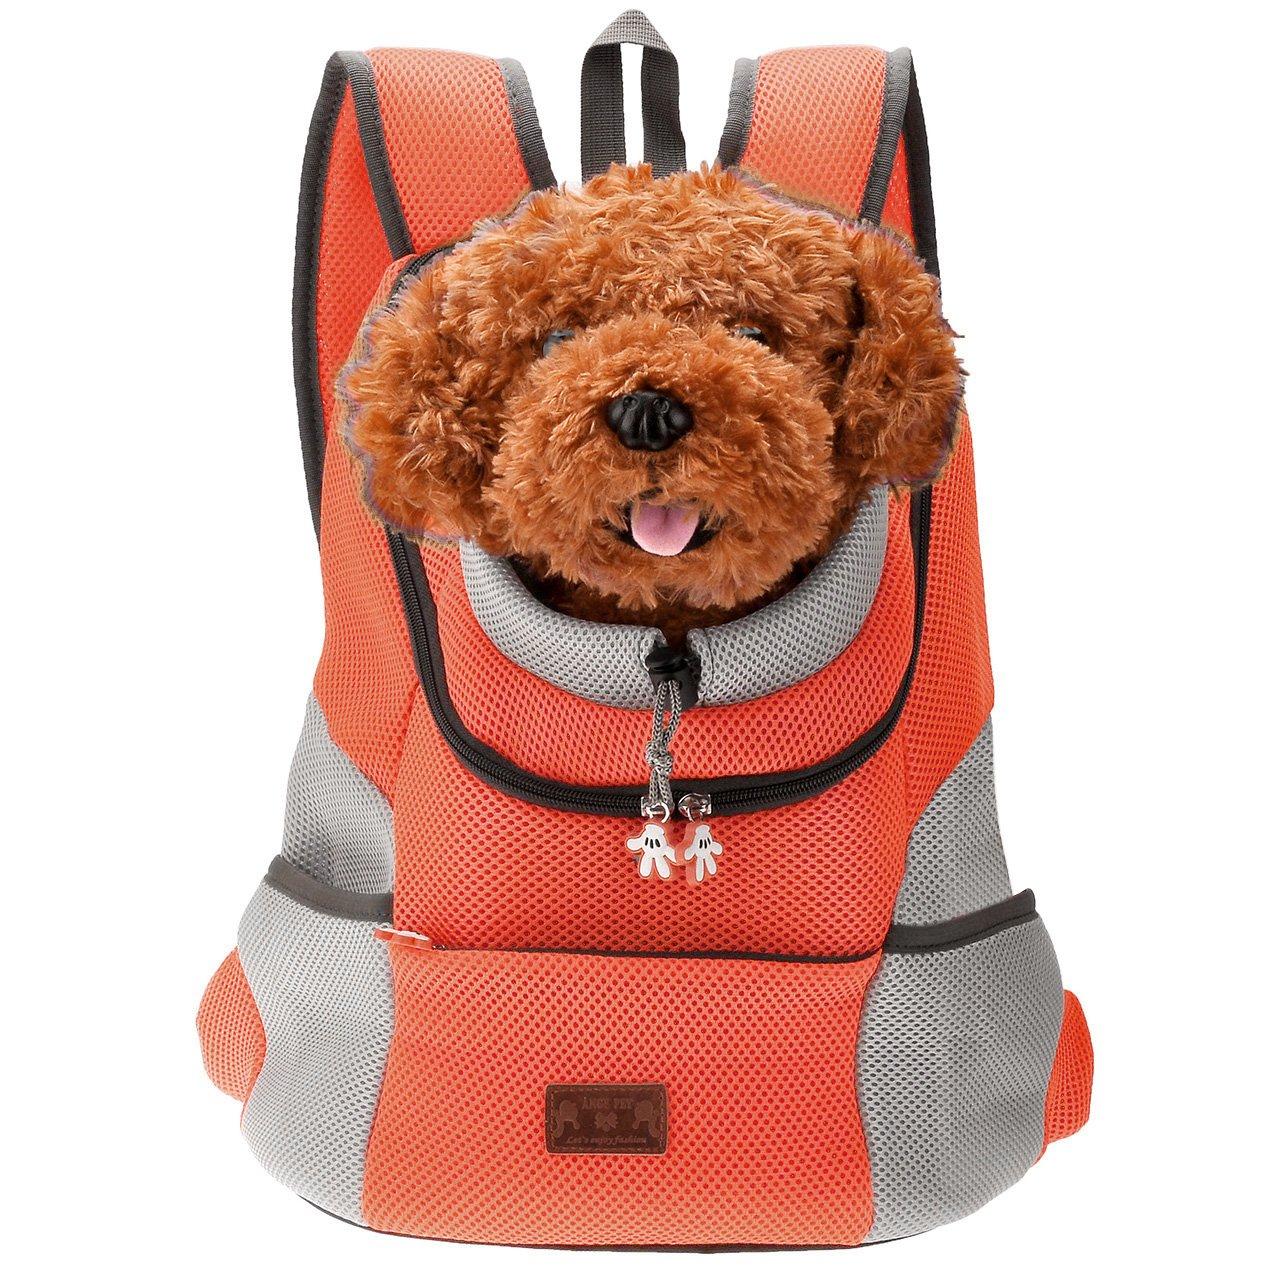 Mangostyle Borsa per Cani Zaino Traspirante Regolabile Confortevole per Cani e Gatti per Outdoor Escursione e Viaggio in Treno Trasportino per Animali Domestici Aranccione L Size